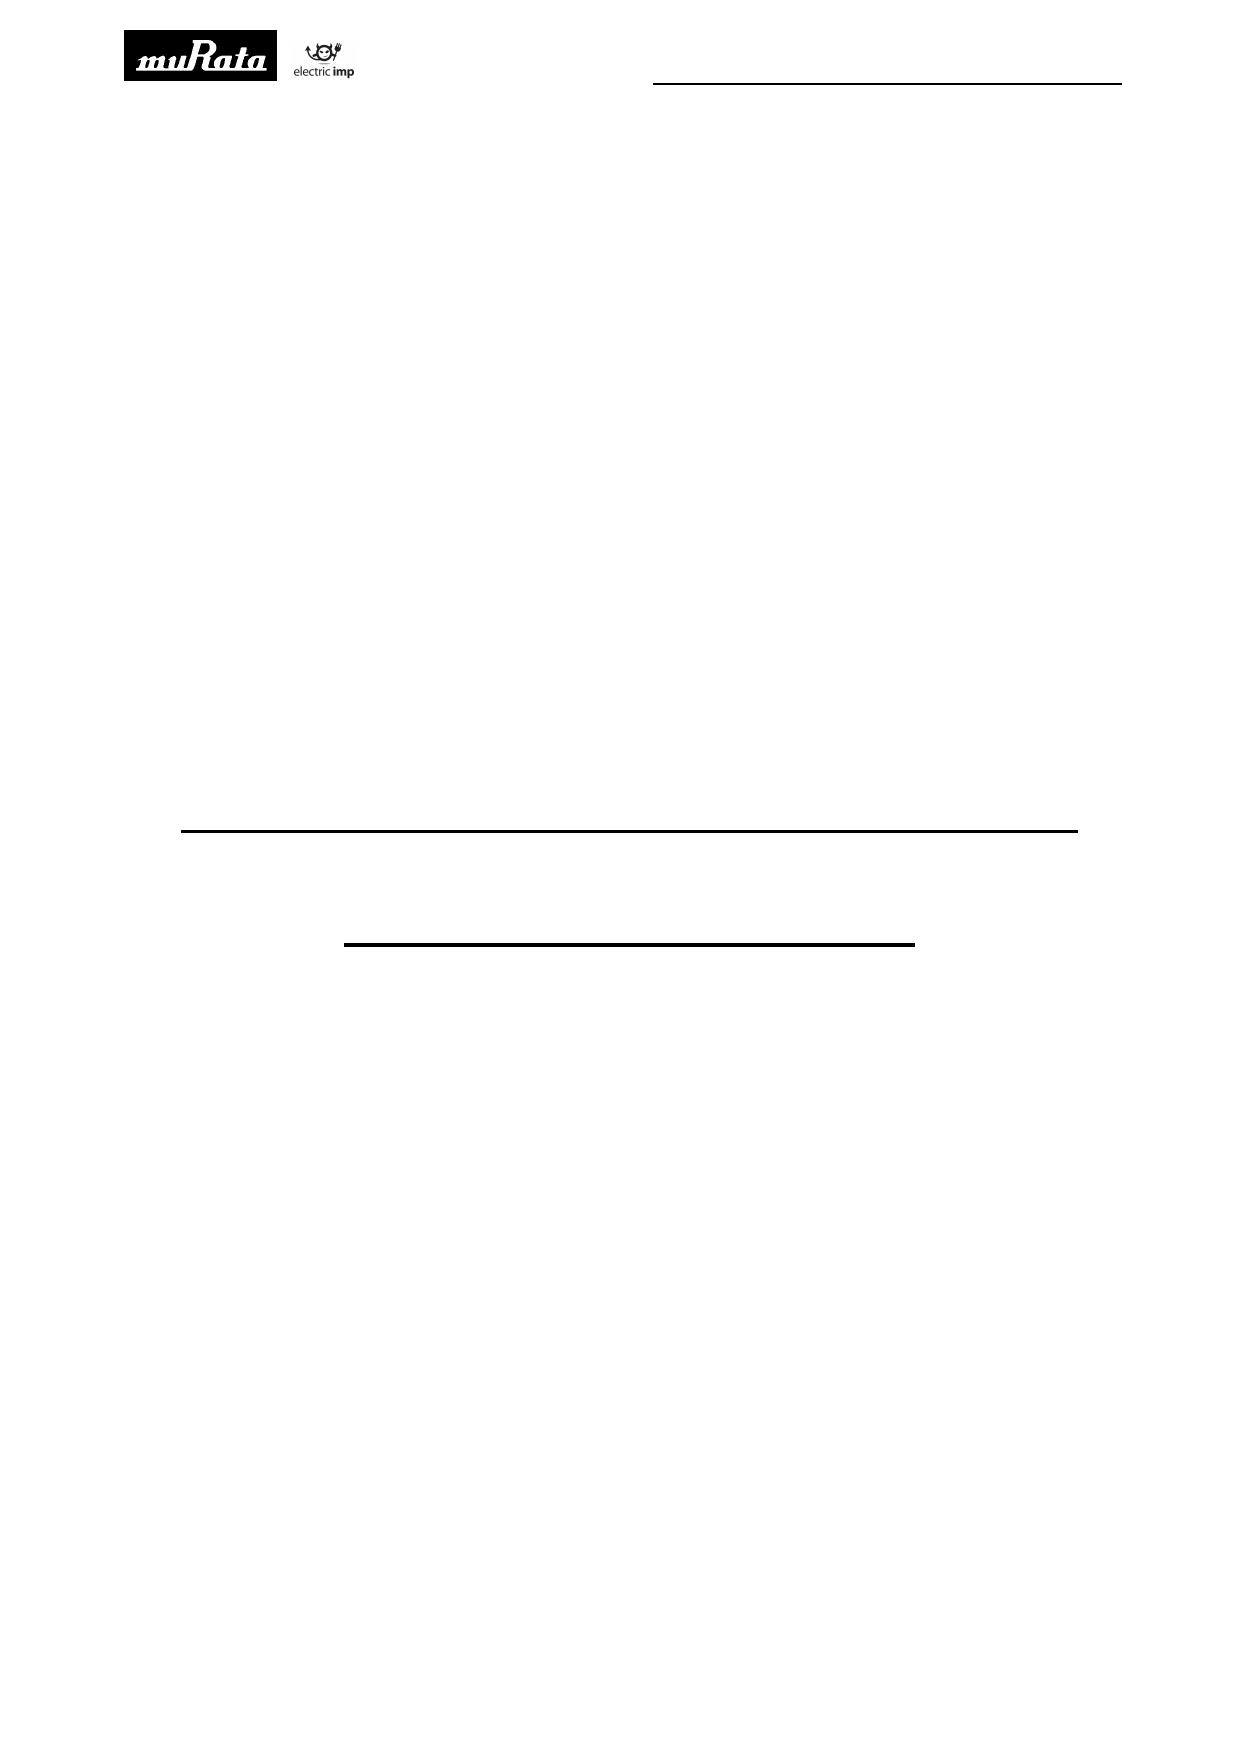 LBWA1ZV1CD-716 datasheet